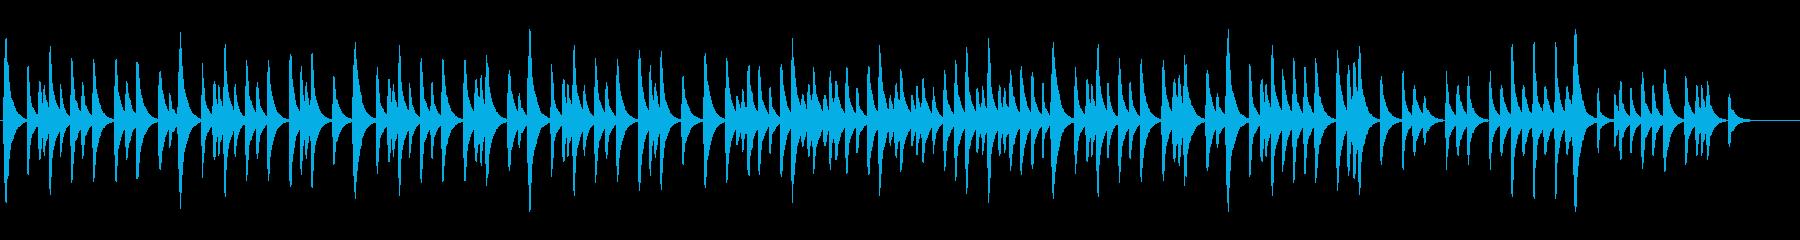 メンデルスゾーン「結婚行進曲」オルゴールの再生済みの波形